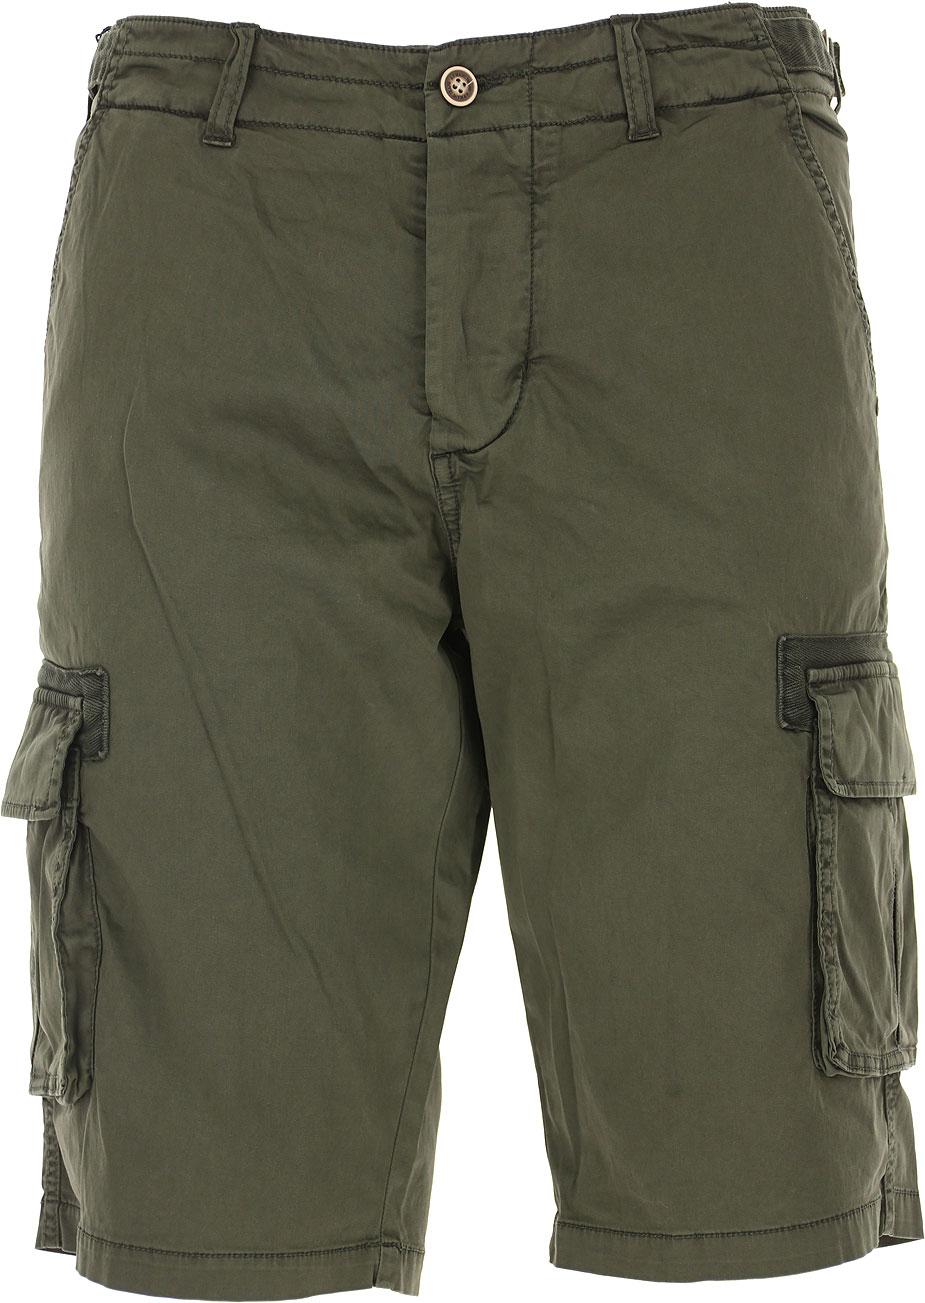 Abbigliamento Uomo Emporio Armani Codice Articolo A6s02 nf 16